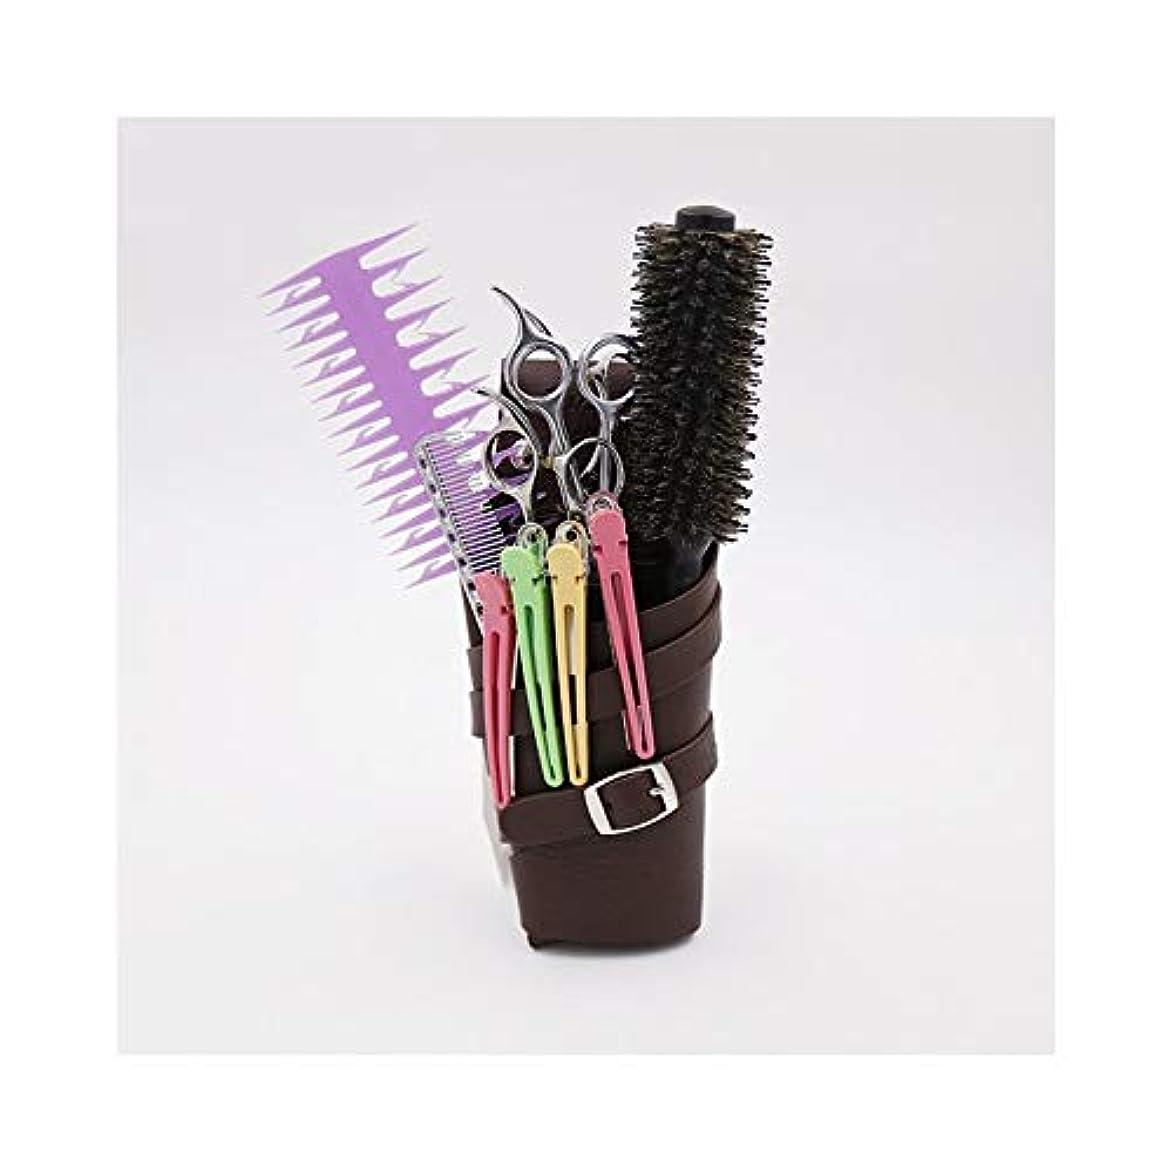 消費アヒル均等にショルダーベルト付きヘアスタイリスト自分自身PUレザーヘアシザーホルスター理髪ポーチバッグ モデリングツール (色 : ブラウン)